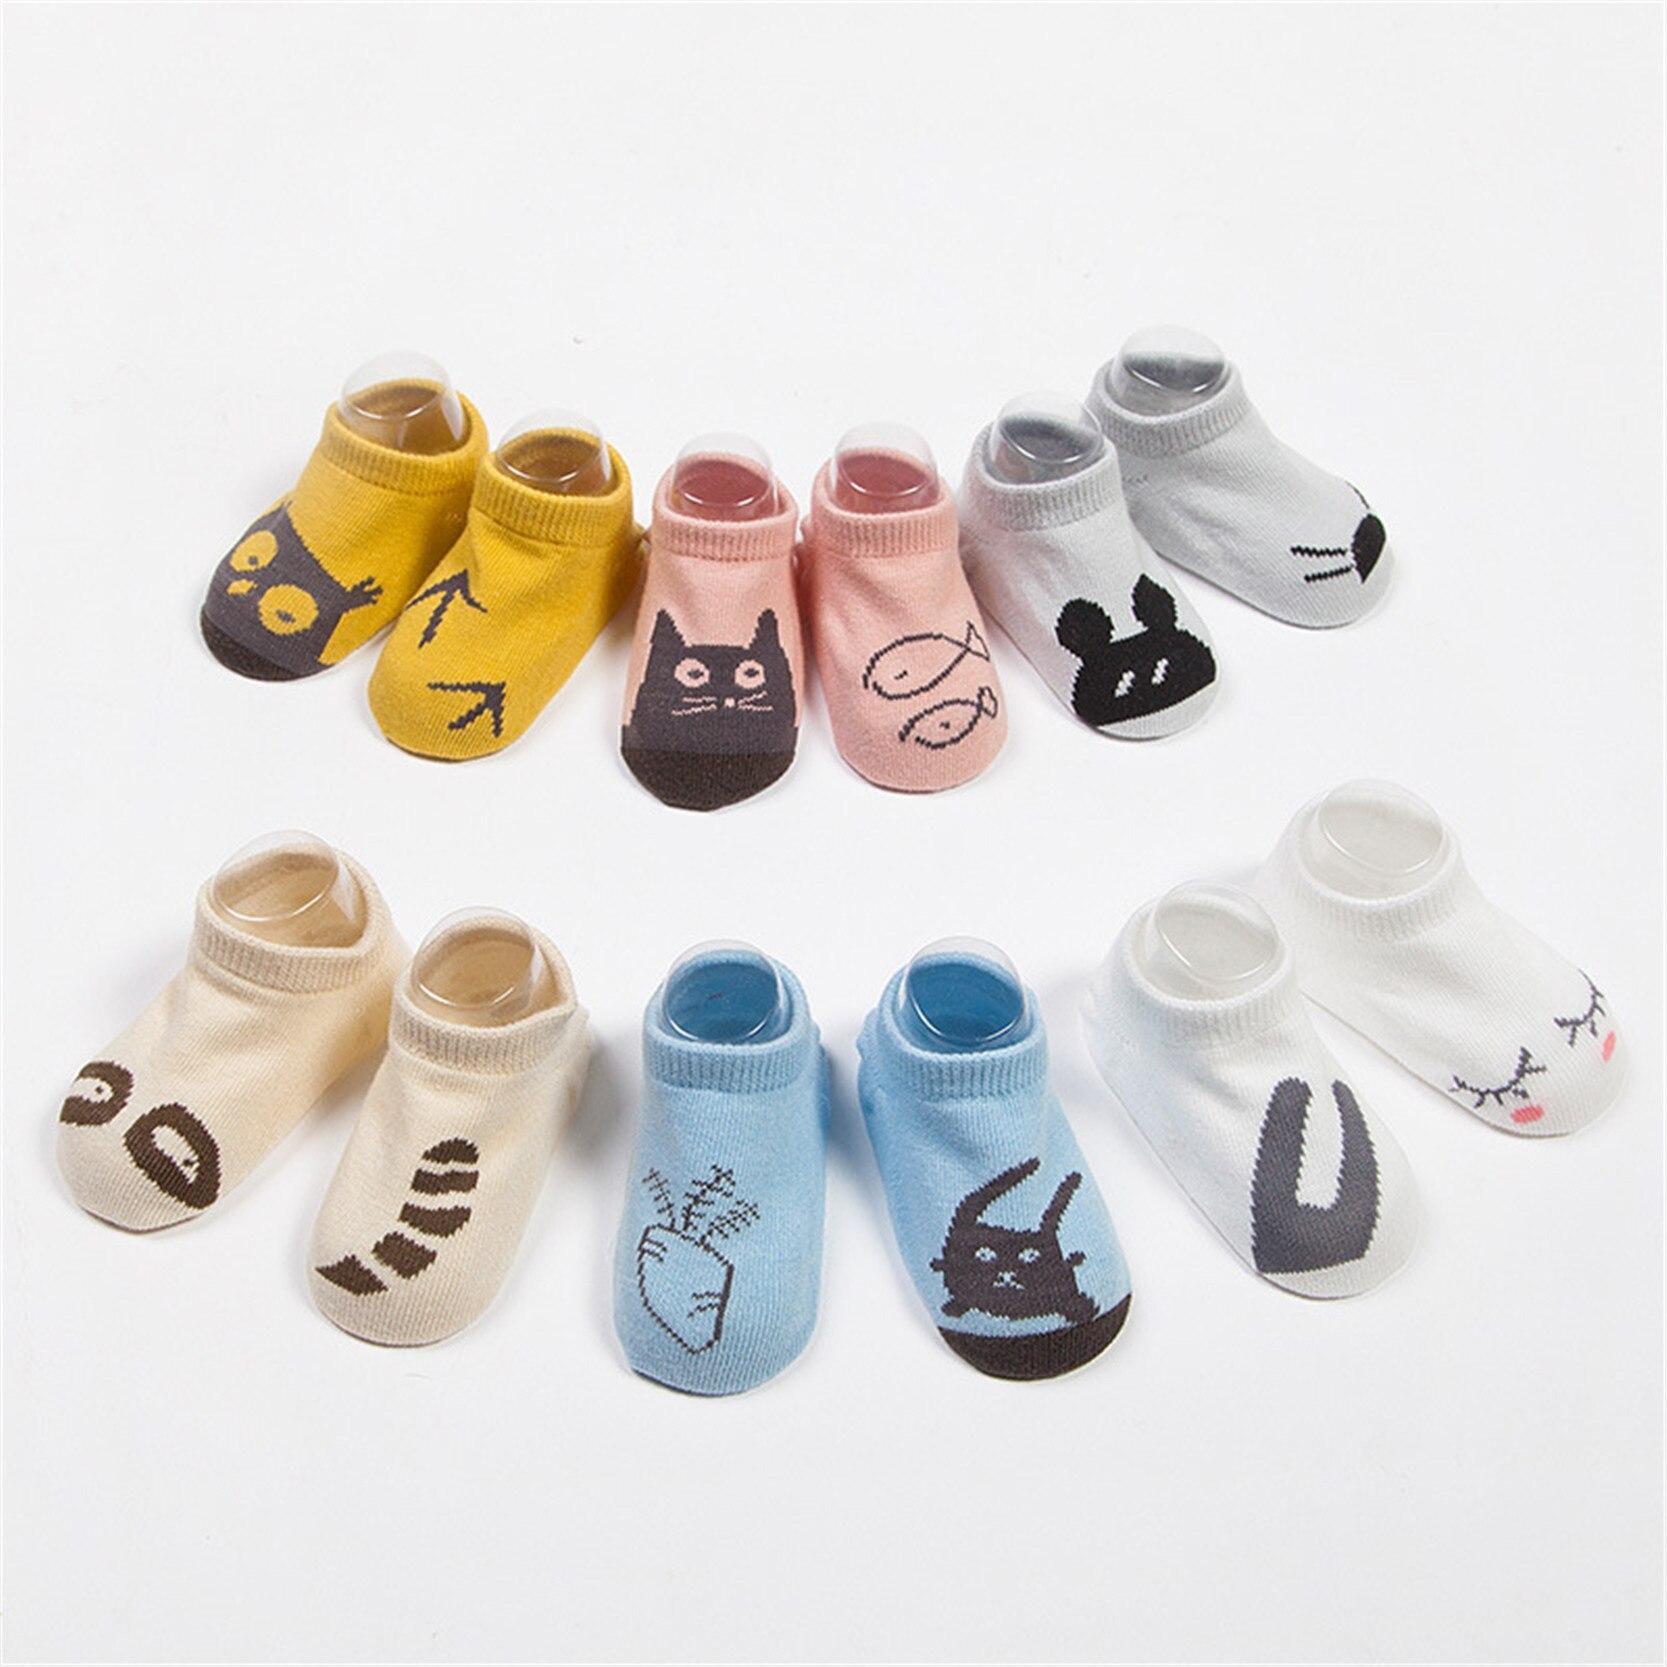 Çocuk Bebek Erkek Kız Bebek Çorap Karikatür Hayvan Sevimli Anti Kayma Pamuk Kısa Ayak Bileği Çorap Bebek 0-24 Için ay